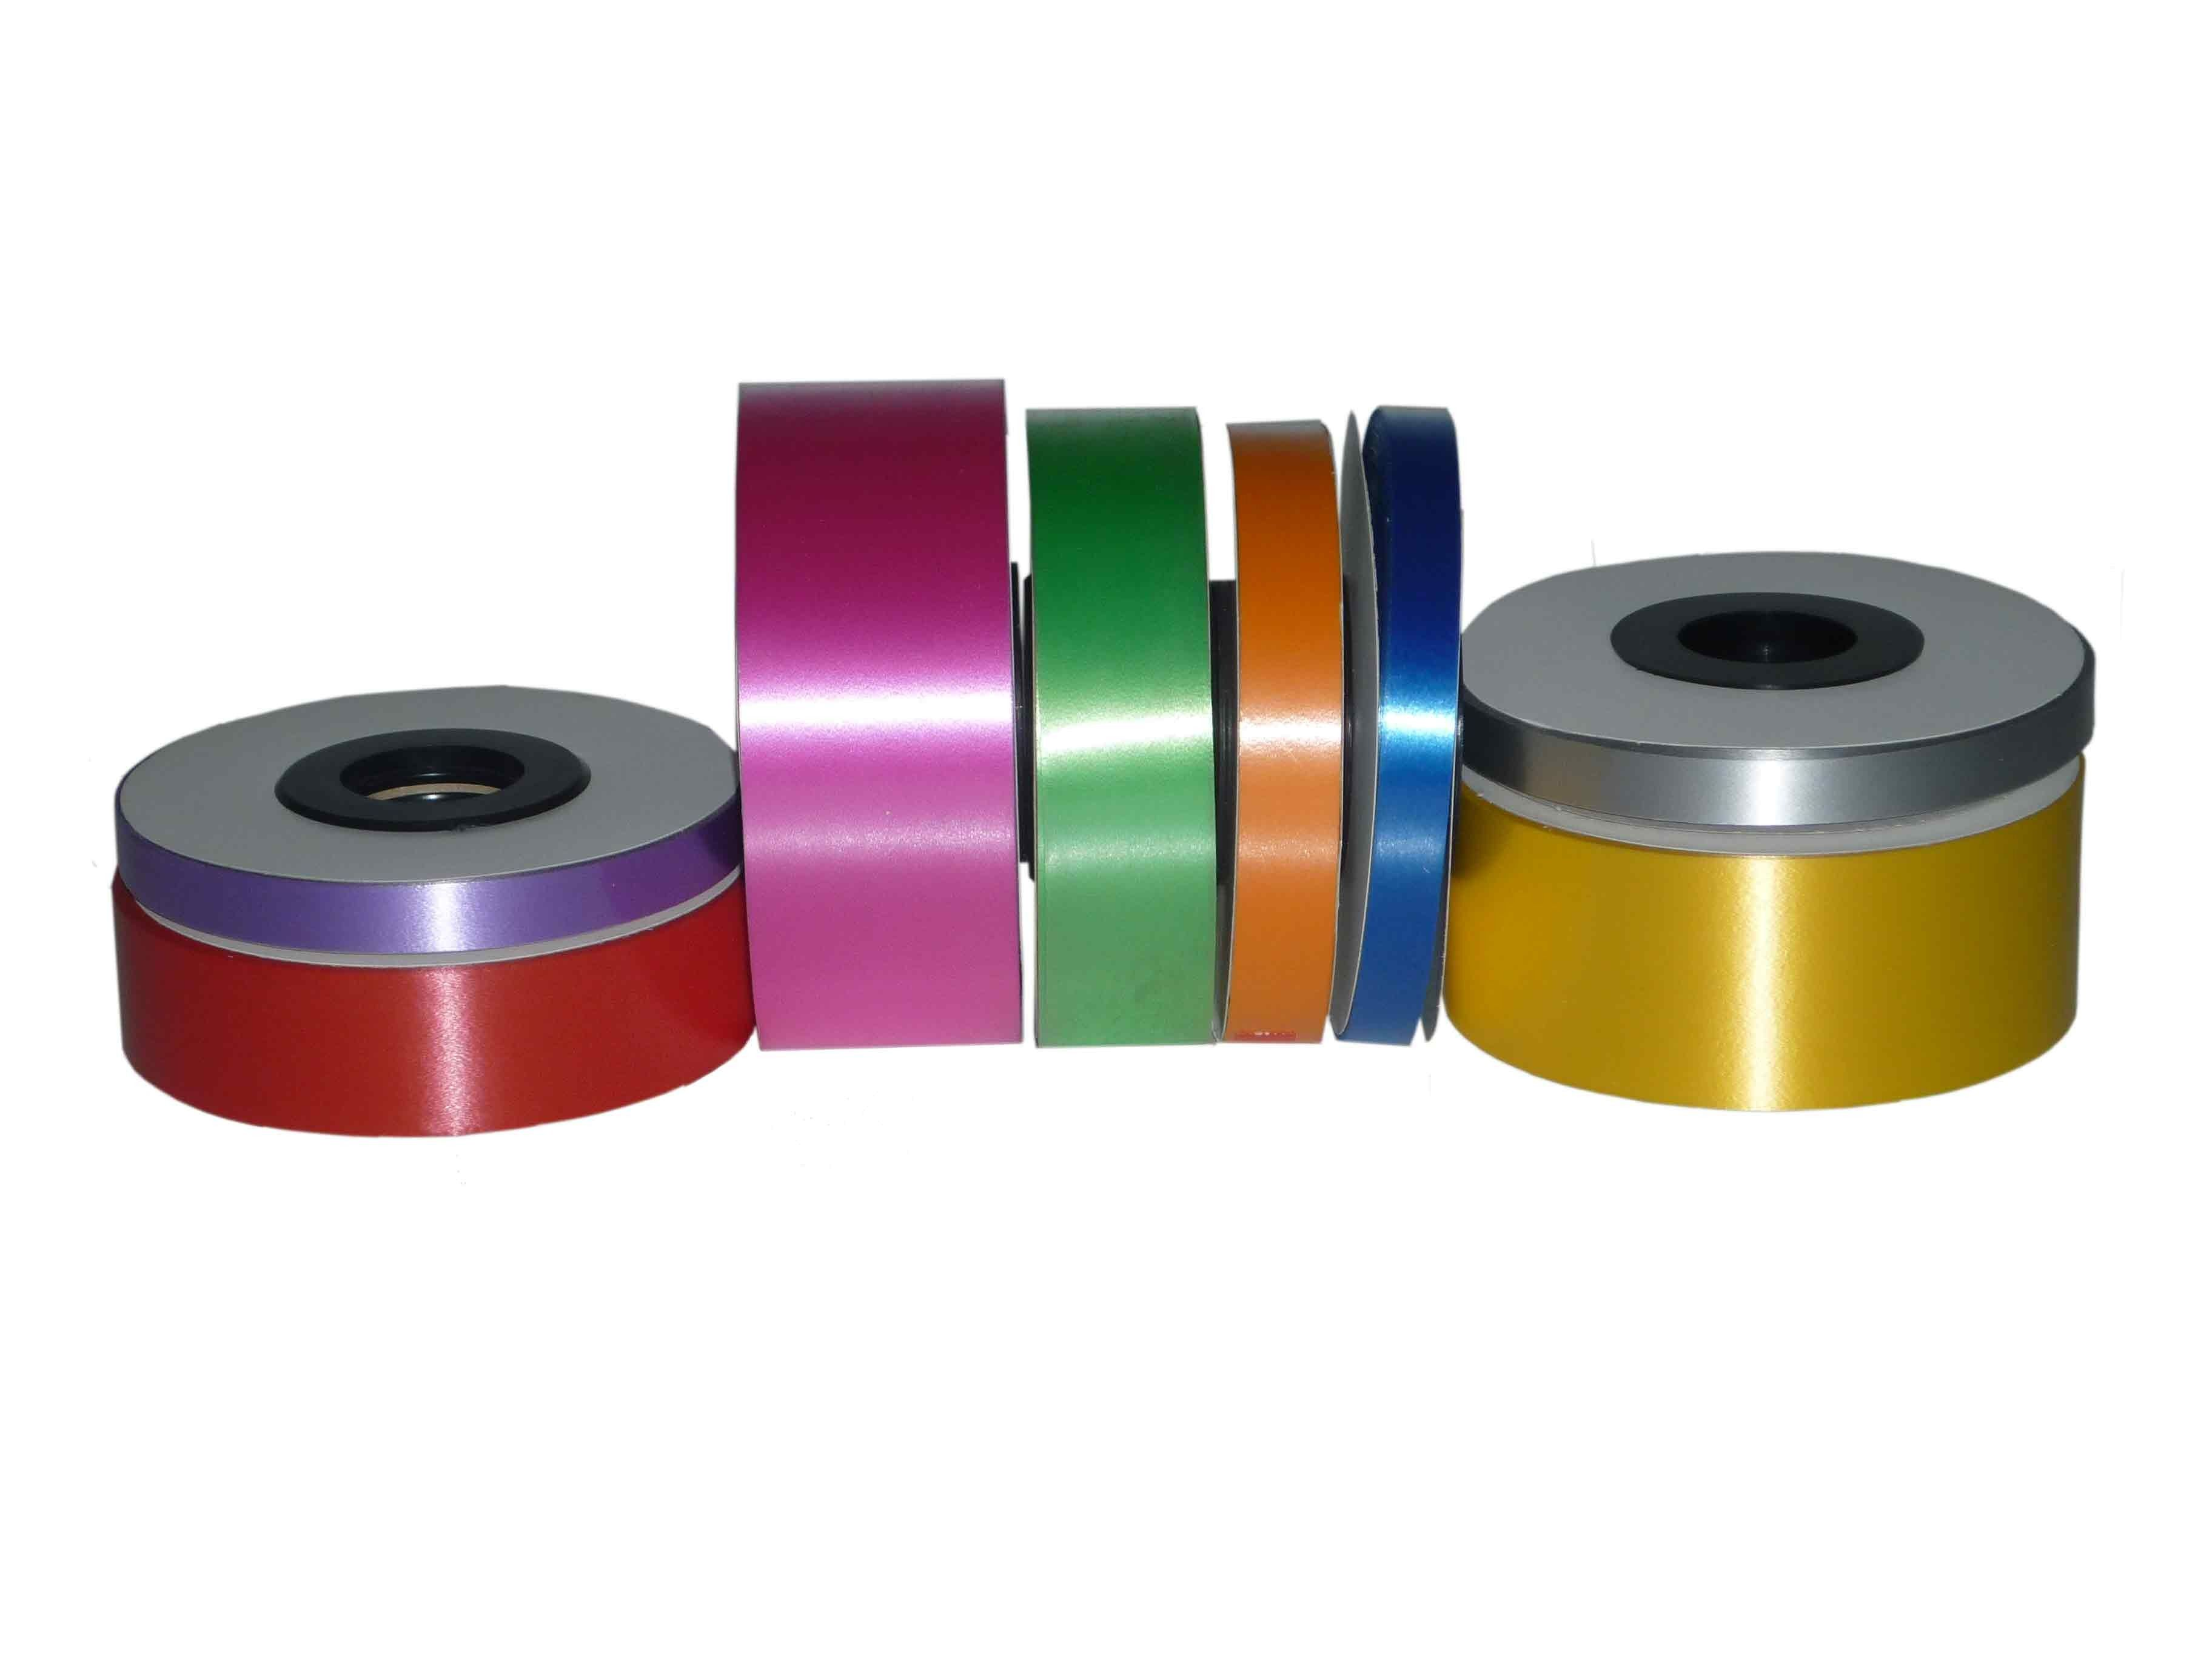 cinta decorativa lisa para hacer lazos anchos y colores disponibles